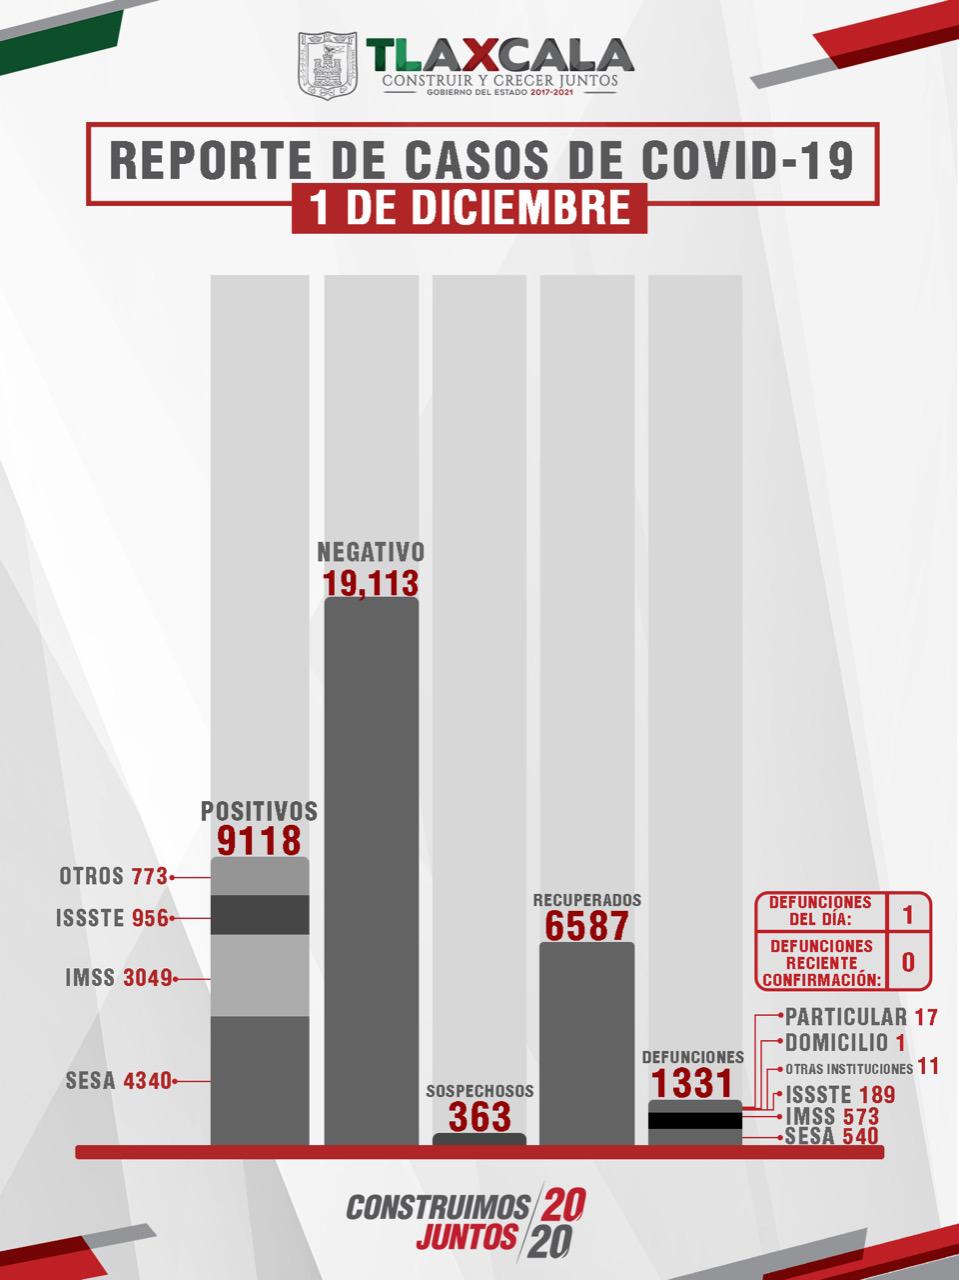 CONFIRMA SESA 53 PERSONAS RECUPERADAS, 1 DEFUNCIÓN  Y 28 CASOS POSITIVOS EN TLAXCALA DE COVID-19